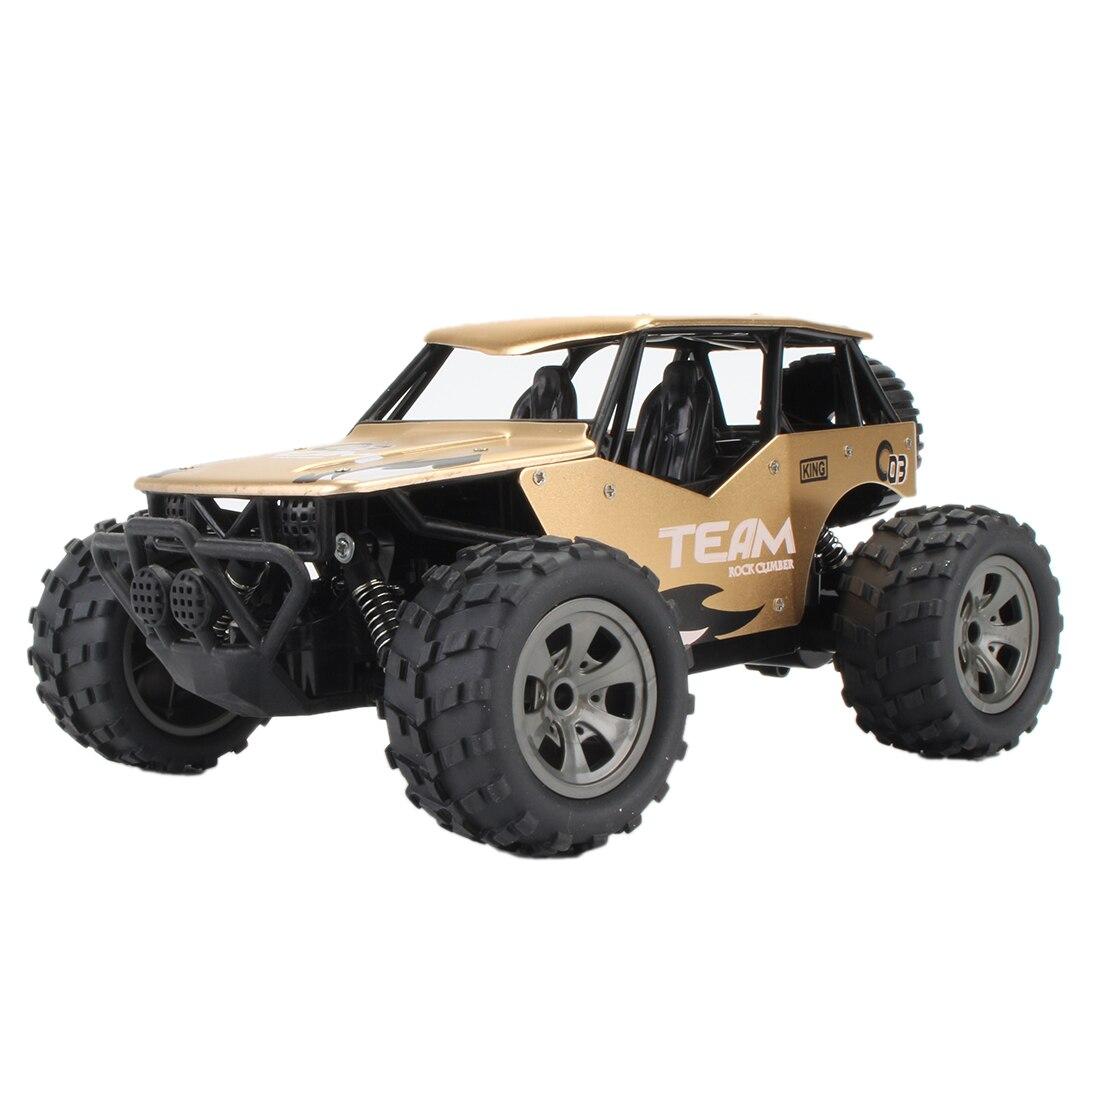 Rowsfire 1:18 2.4G alliage RC roche chenille tout-terrain véhicule monstre coffre électronique jouet pour enfants adulte Zone de gros